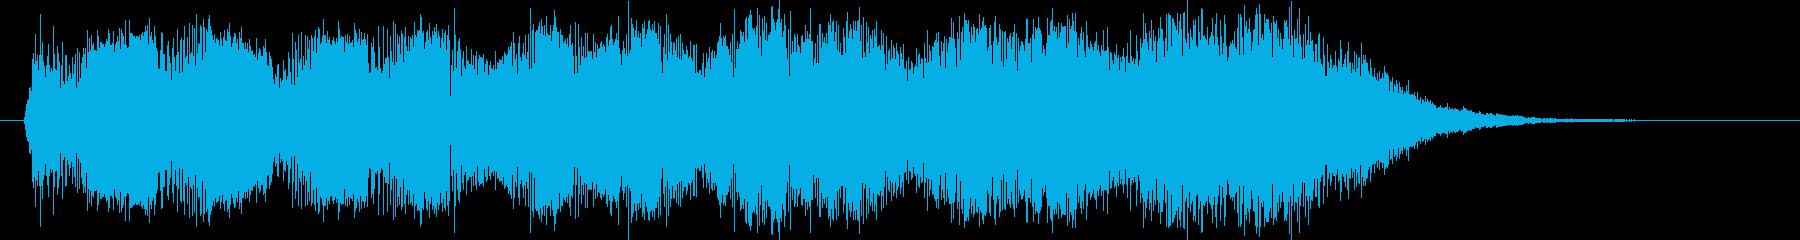 EDM系のDJ/音楽制作用フレーズ!02の再生済みの波形